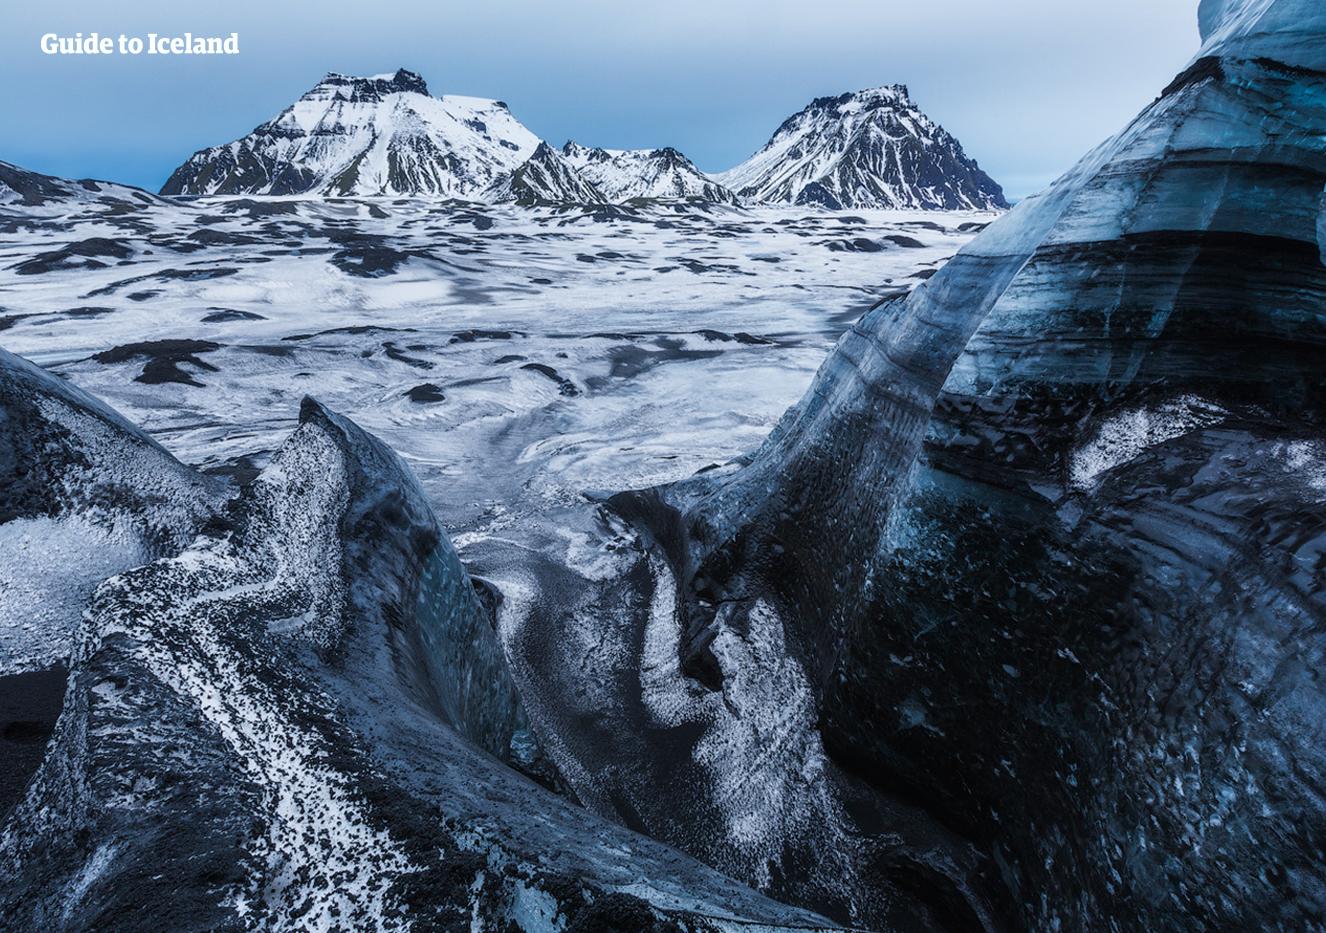 Besuche mit dieser fantastischen Kombi-Tour eine Eishöhle im Inneren des Mýrdalsjökull-Gletschers.